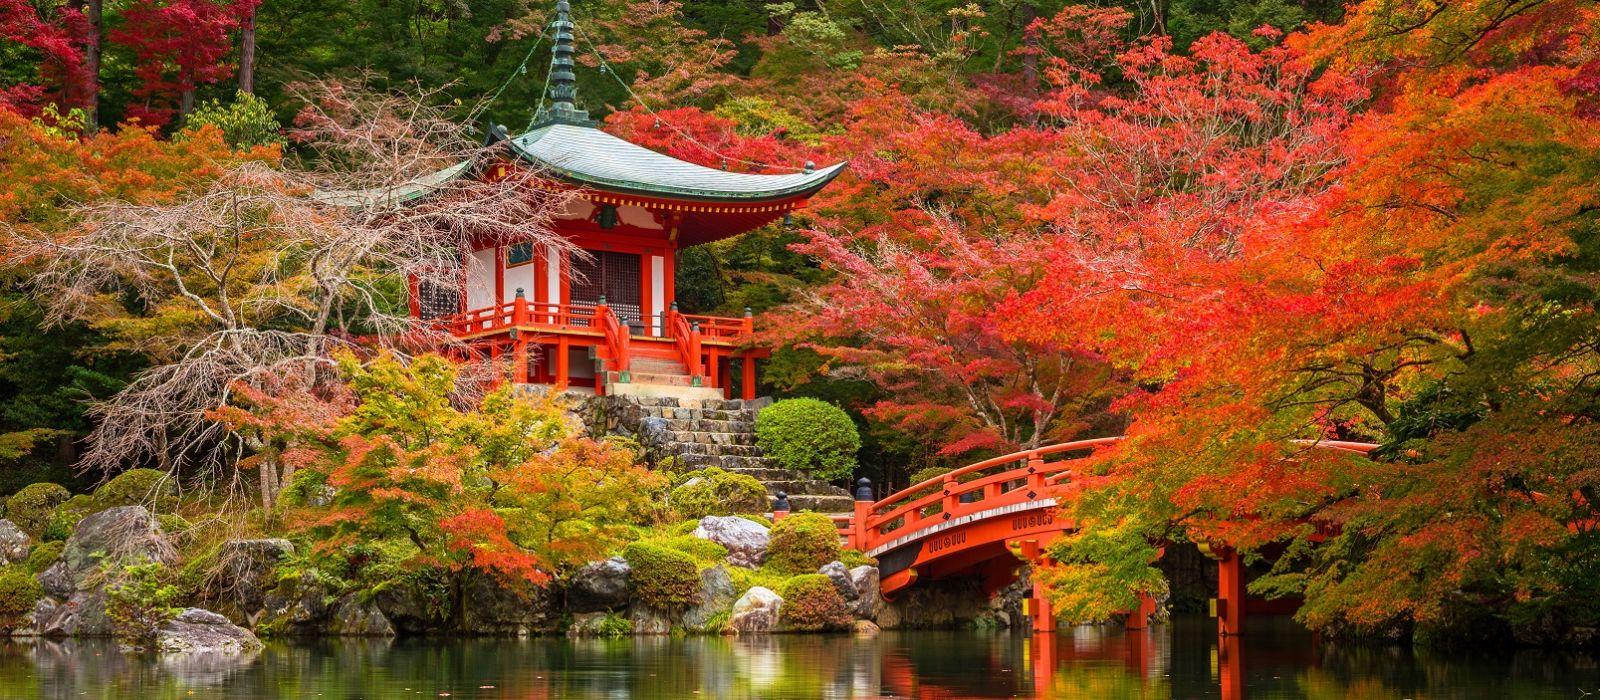 Exklusive Japan Luxusreise Urlaub 2